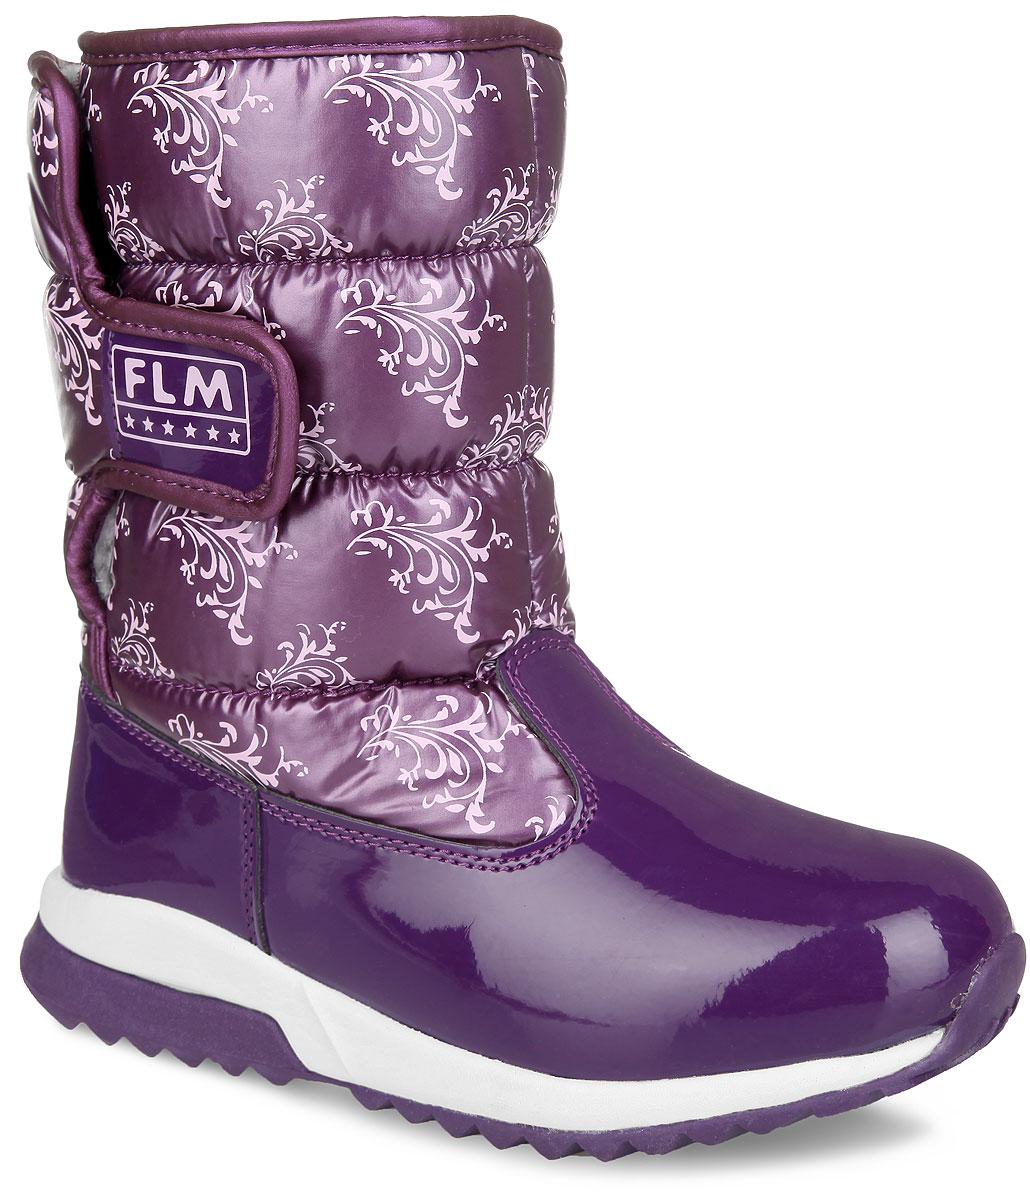 Дутики для девочки Flamingo, цвет: фиолетовый, розовый. 52-NC409. Размер 3252-NC409Стильные дутики для девочки от Flamingo, изготовленные из современных материалов, обеспечат удобство и комфорт ножкам вашей малышки в прохладную погоду. Модель в нижней части изготовлена из искусственной лаковой кожи, а голенище - из высококачественного нейлона, оформленного узорами контрастного цвета. Подкладка и стелька, выполненные из комбинации шерсти и искусственного меха, согреют ножки ребенка в холод. Удобная застежка-липучка сбоку на голенище, украшенная вставкой из лаковой кожи, обеспечивает практичность и комфортную фиксацию модели на ноге. Задник оформлен тиснением в виде логотипа бренда. Уплотненная вставка на мысе защищает детскую стопу от ударов при ходьбе. Подошва с рифленым протектором обеспечивает удобство и практичность на каждый день. В таких дутиках ножкам вашего ребенка всегда будет комфортно, уютно и тепло!